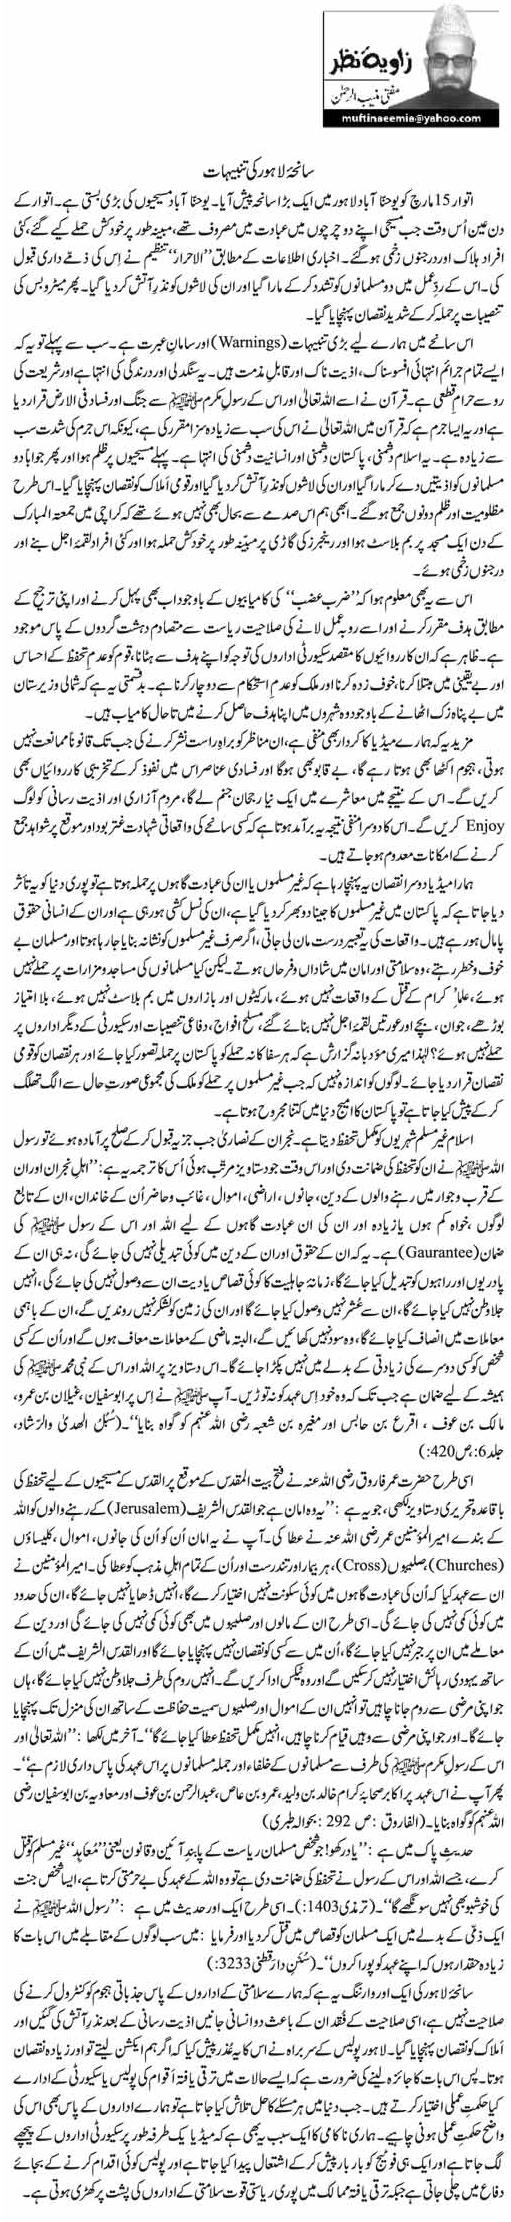 Sanihae Lahore Ki Tanbihat By Mufti Muneeb - Pakfunny